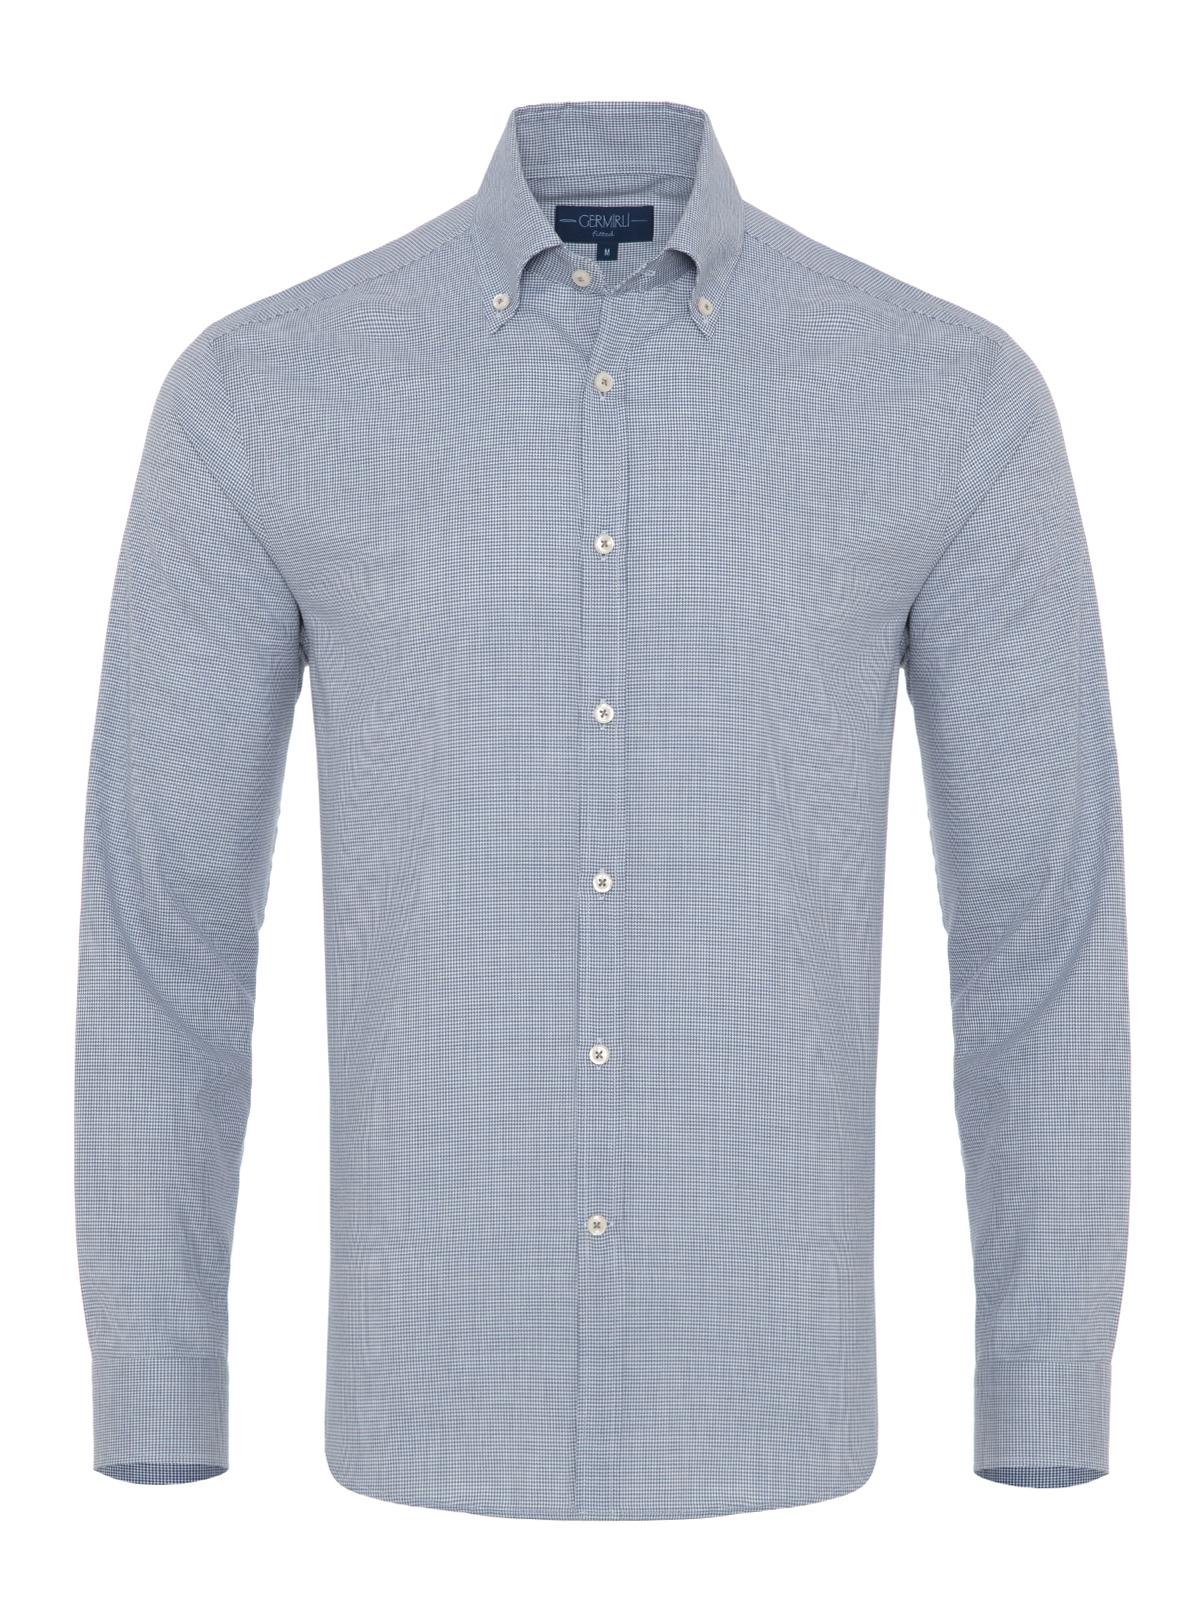 Germirli - Germirli Mavi Zigzag Desenli Düğmeli Yaka Tailor Fit Gömlek